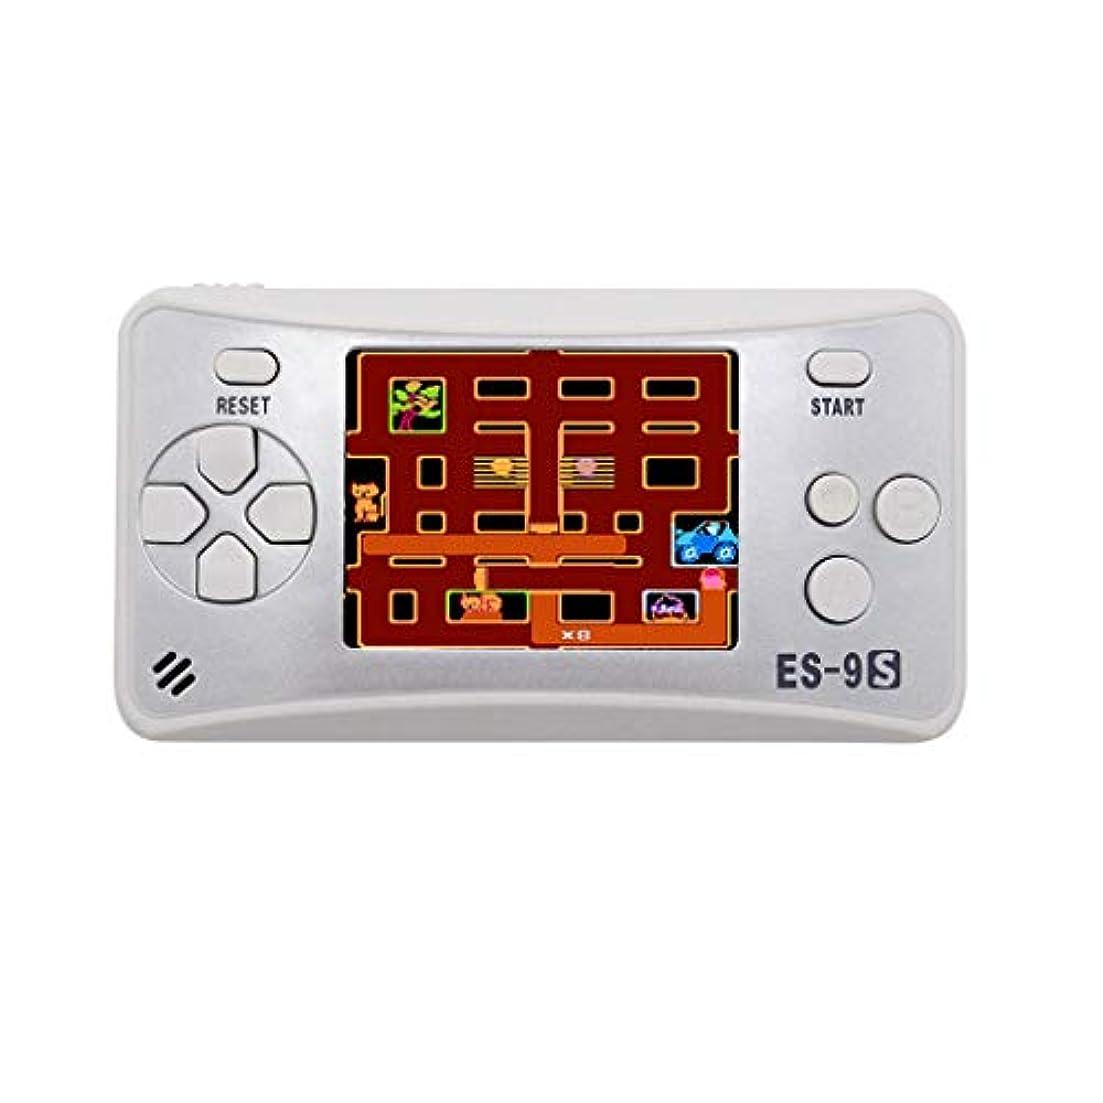 予約望み市長携帯ゲーム機 2.5インチ アーケードゲーム ハンドヘルド ビデオ ゲーム コンソール 内蔵168クラシックゲーム ゲームプレーヤー サポートTVプレイhuajuan